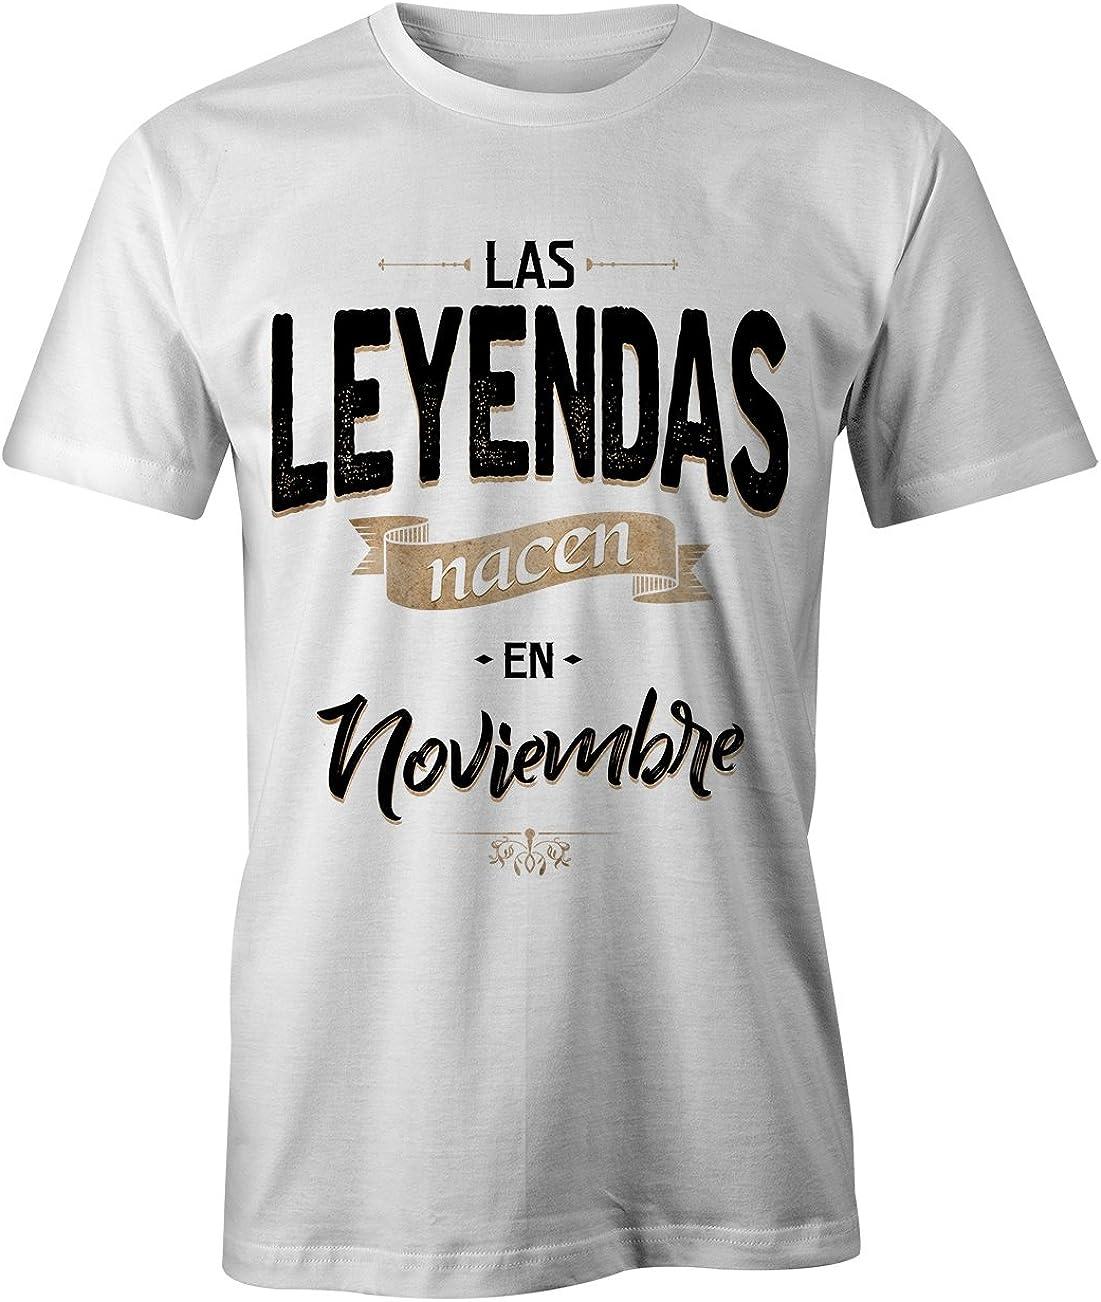 RiotBunny Las Leyendas Nacen en Noviembre Camiseta de Cumpleaños Hombres: Amazon.es: Ropa y accesorios